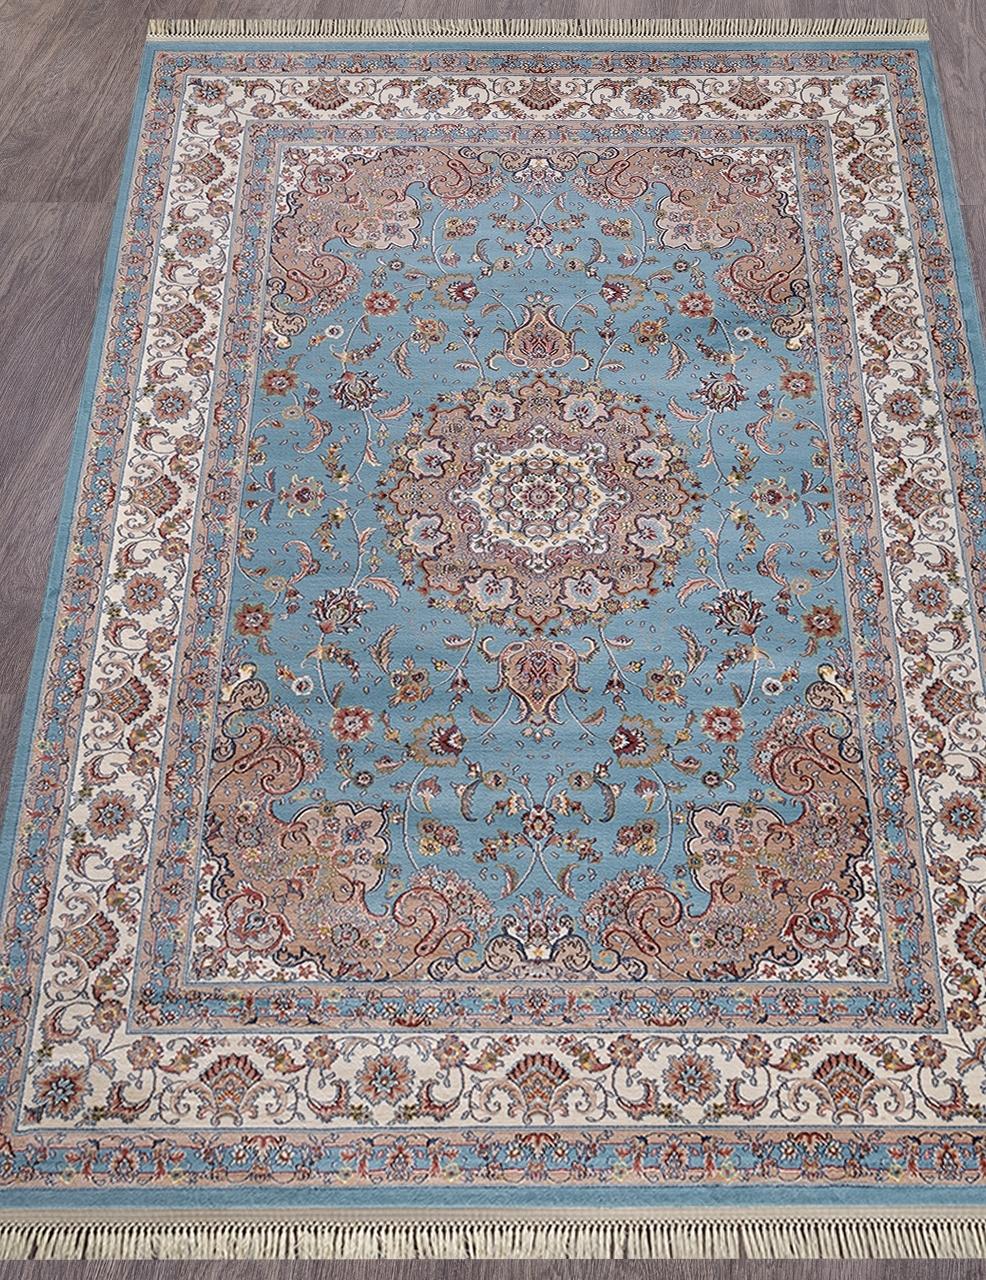 Ковер D158 - BLUE - Прямоугольник - коллекция ARAVIA - фото 1